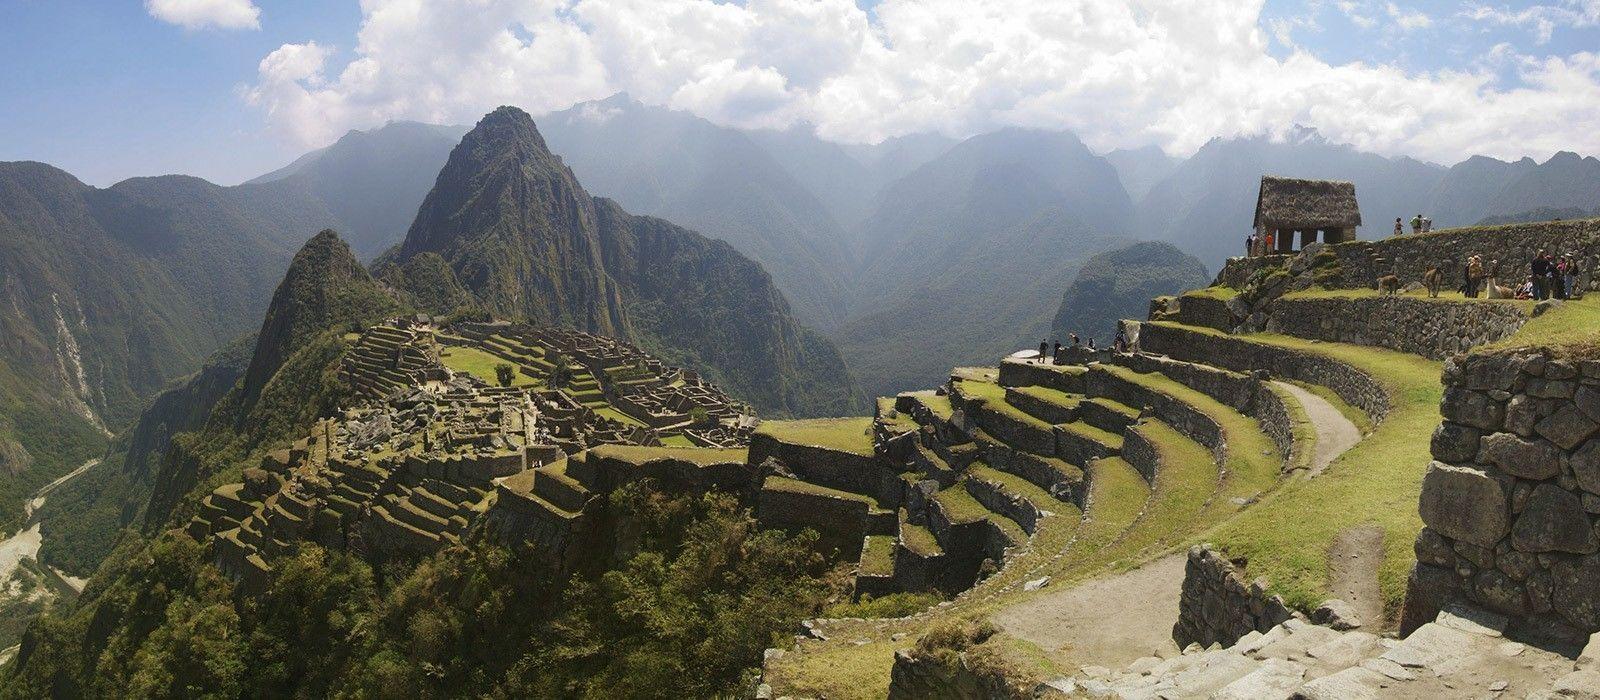 Peru Erlebnisreise: Die Anden und der Amazonas Urlaub 5